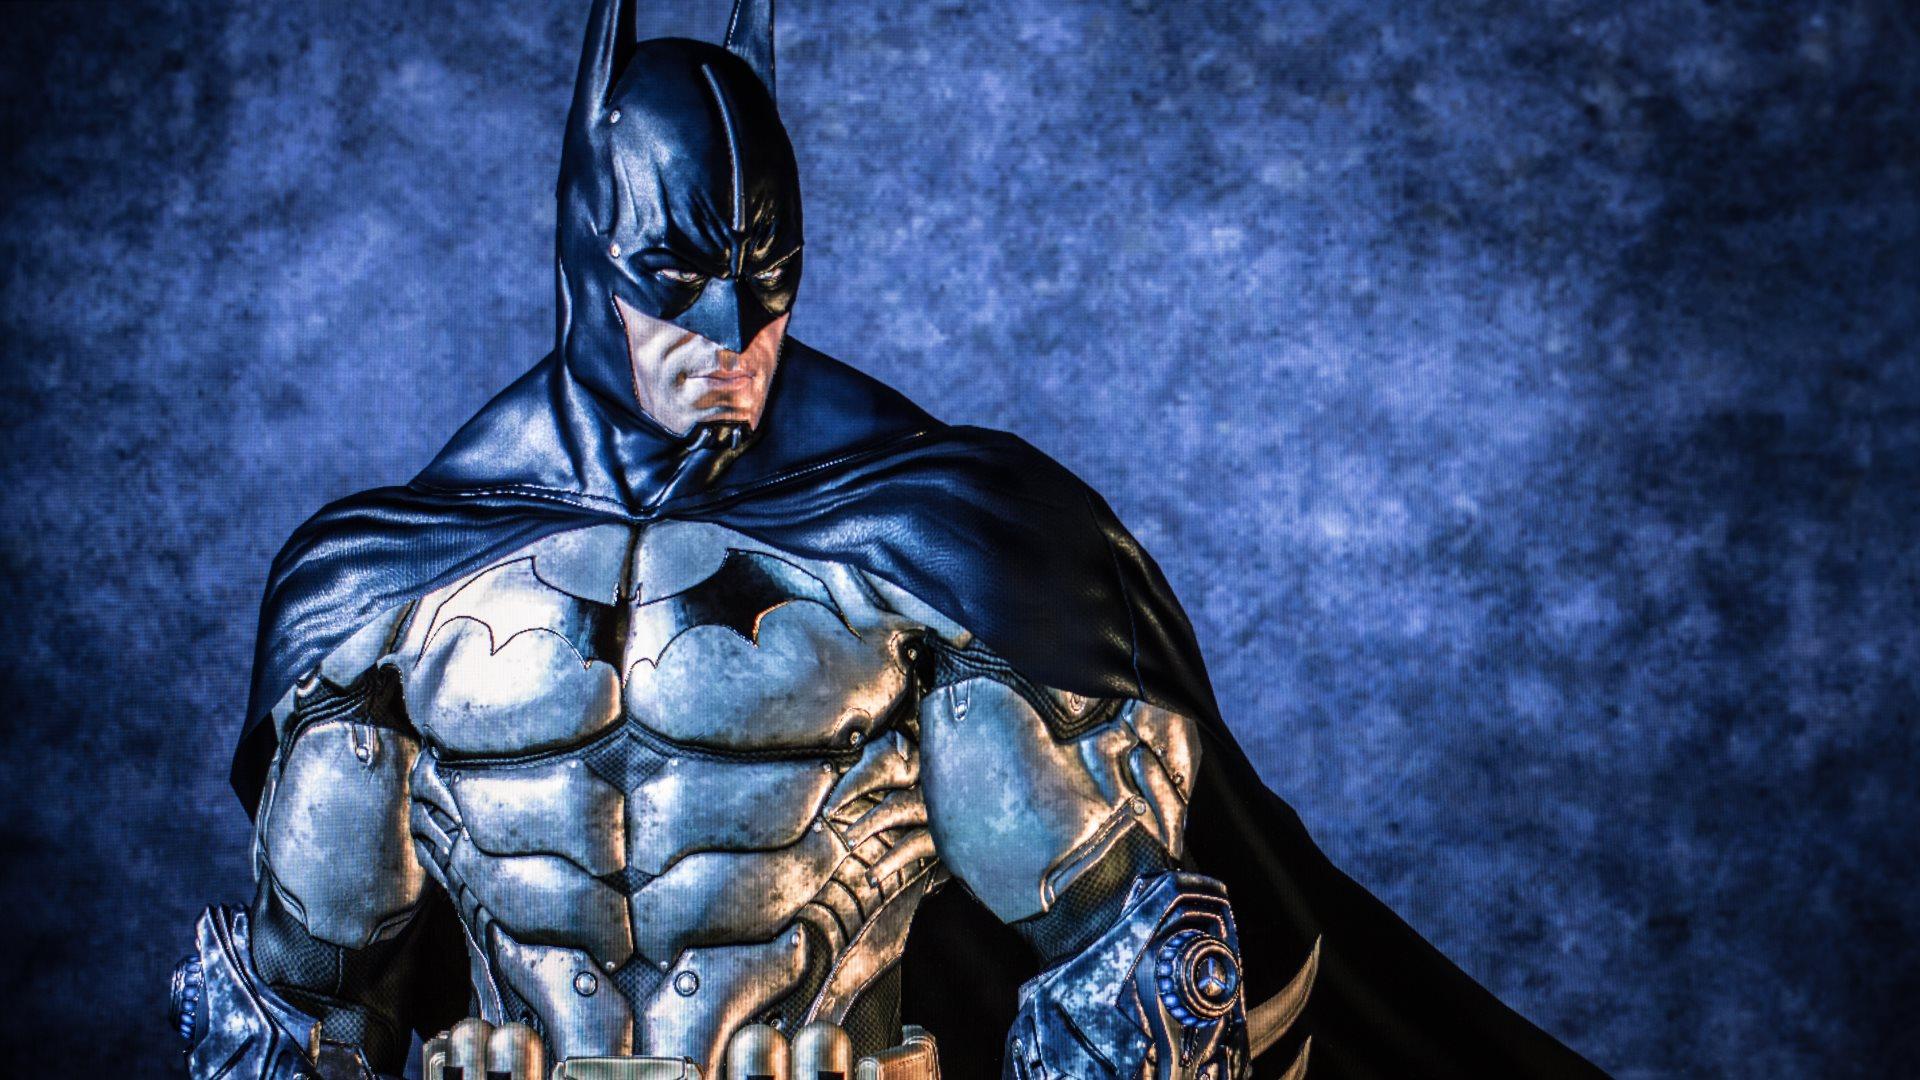 46+ 4K Batman Wallpaper on WallpaperSafari